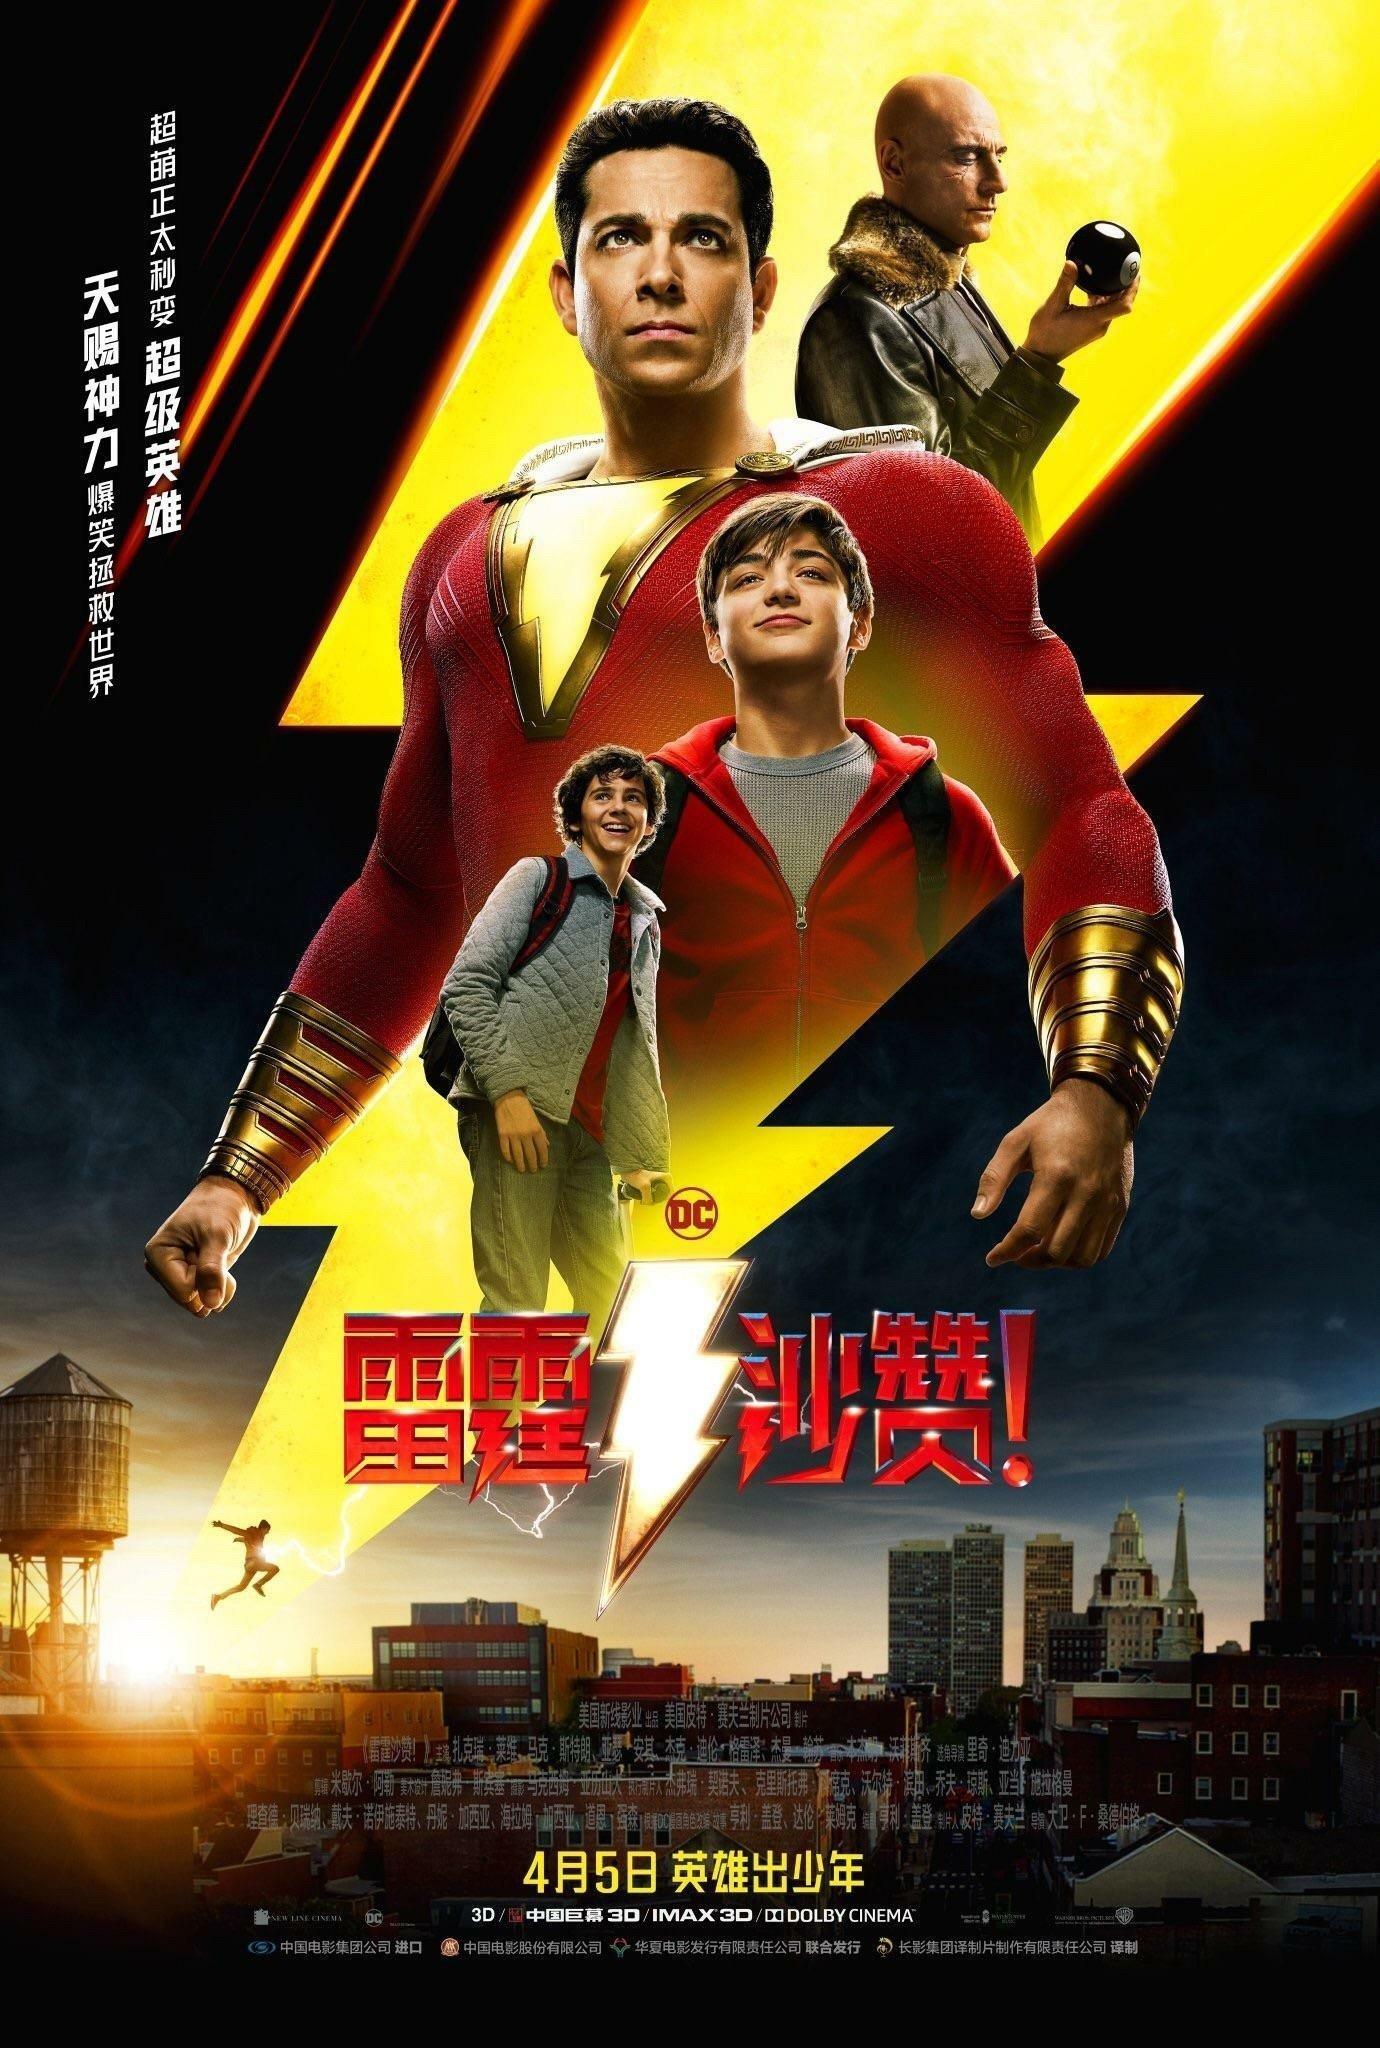 Poster asiatique du film Shazam! réalisé par David F. Sandberg avec Zachary Levi